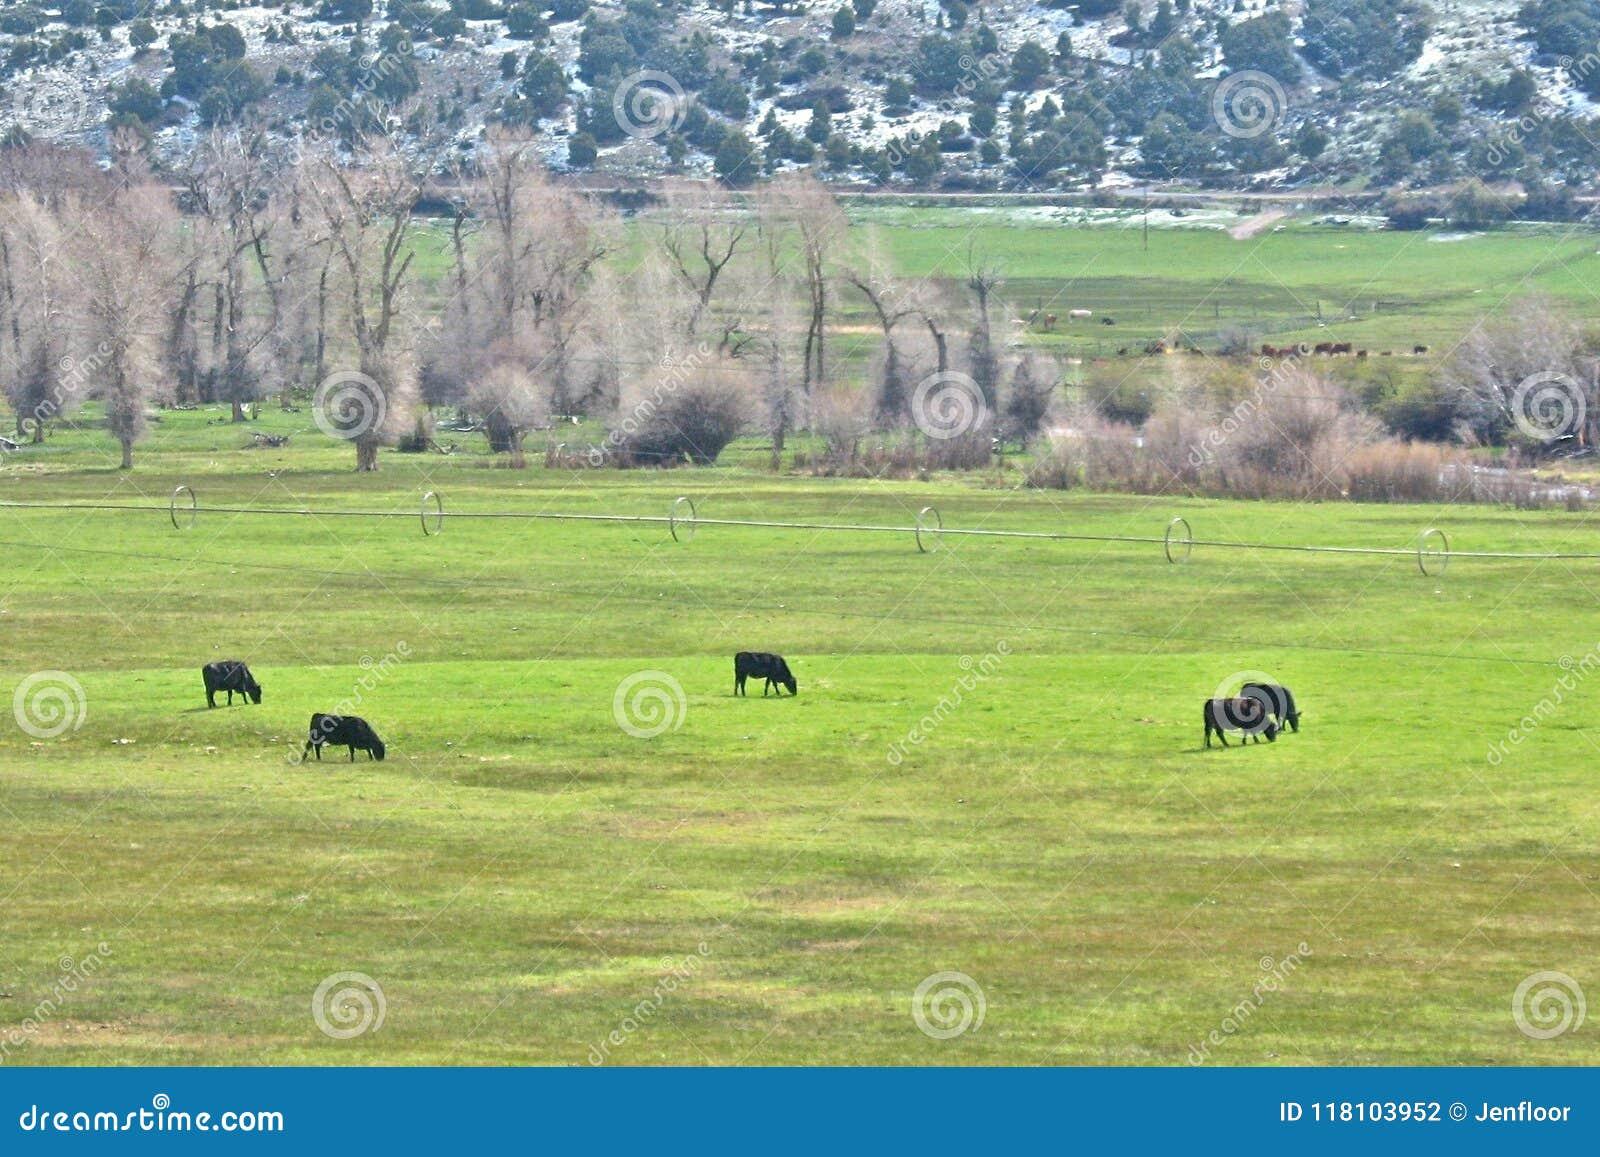 Fünf Vieh in Ring Graze auf dem Grün